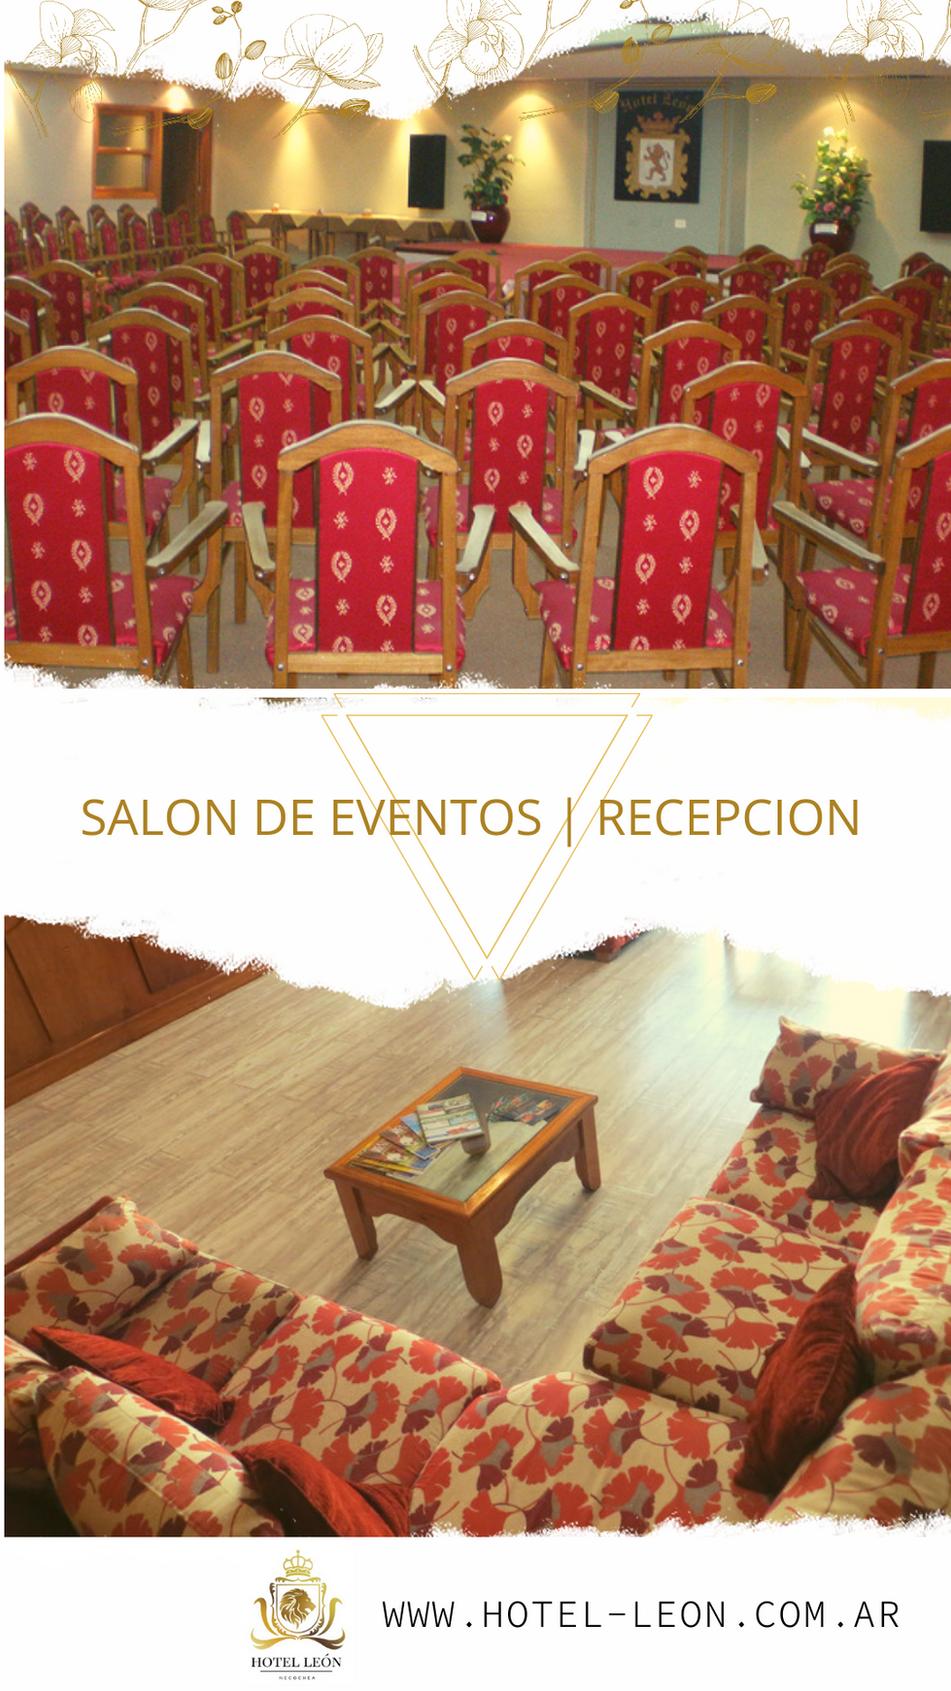 Salon de eventos y recepcion